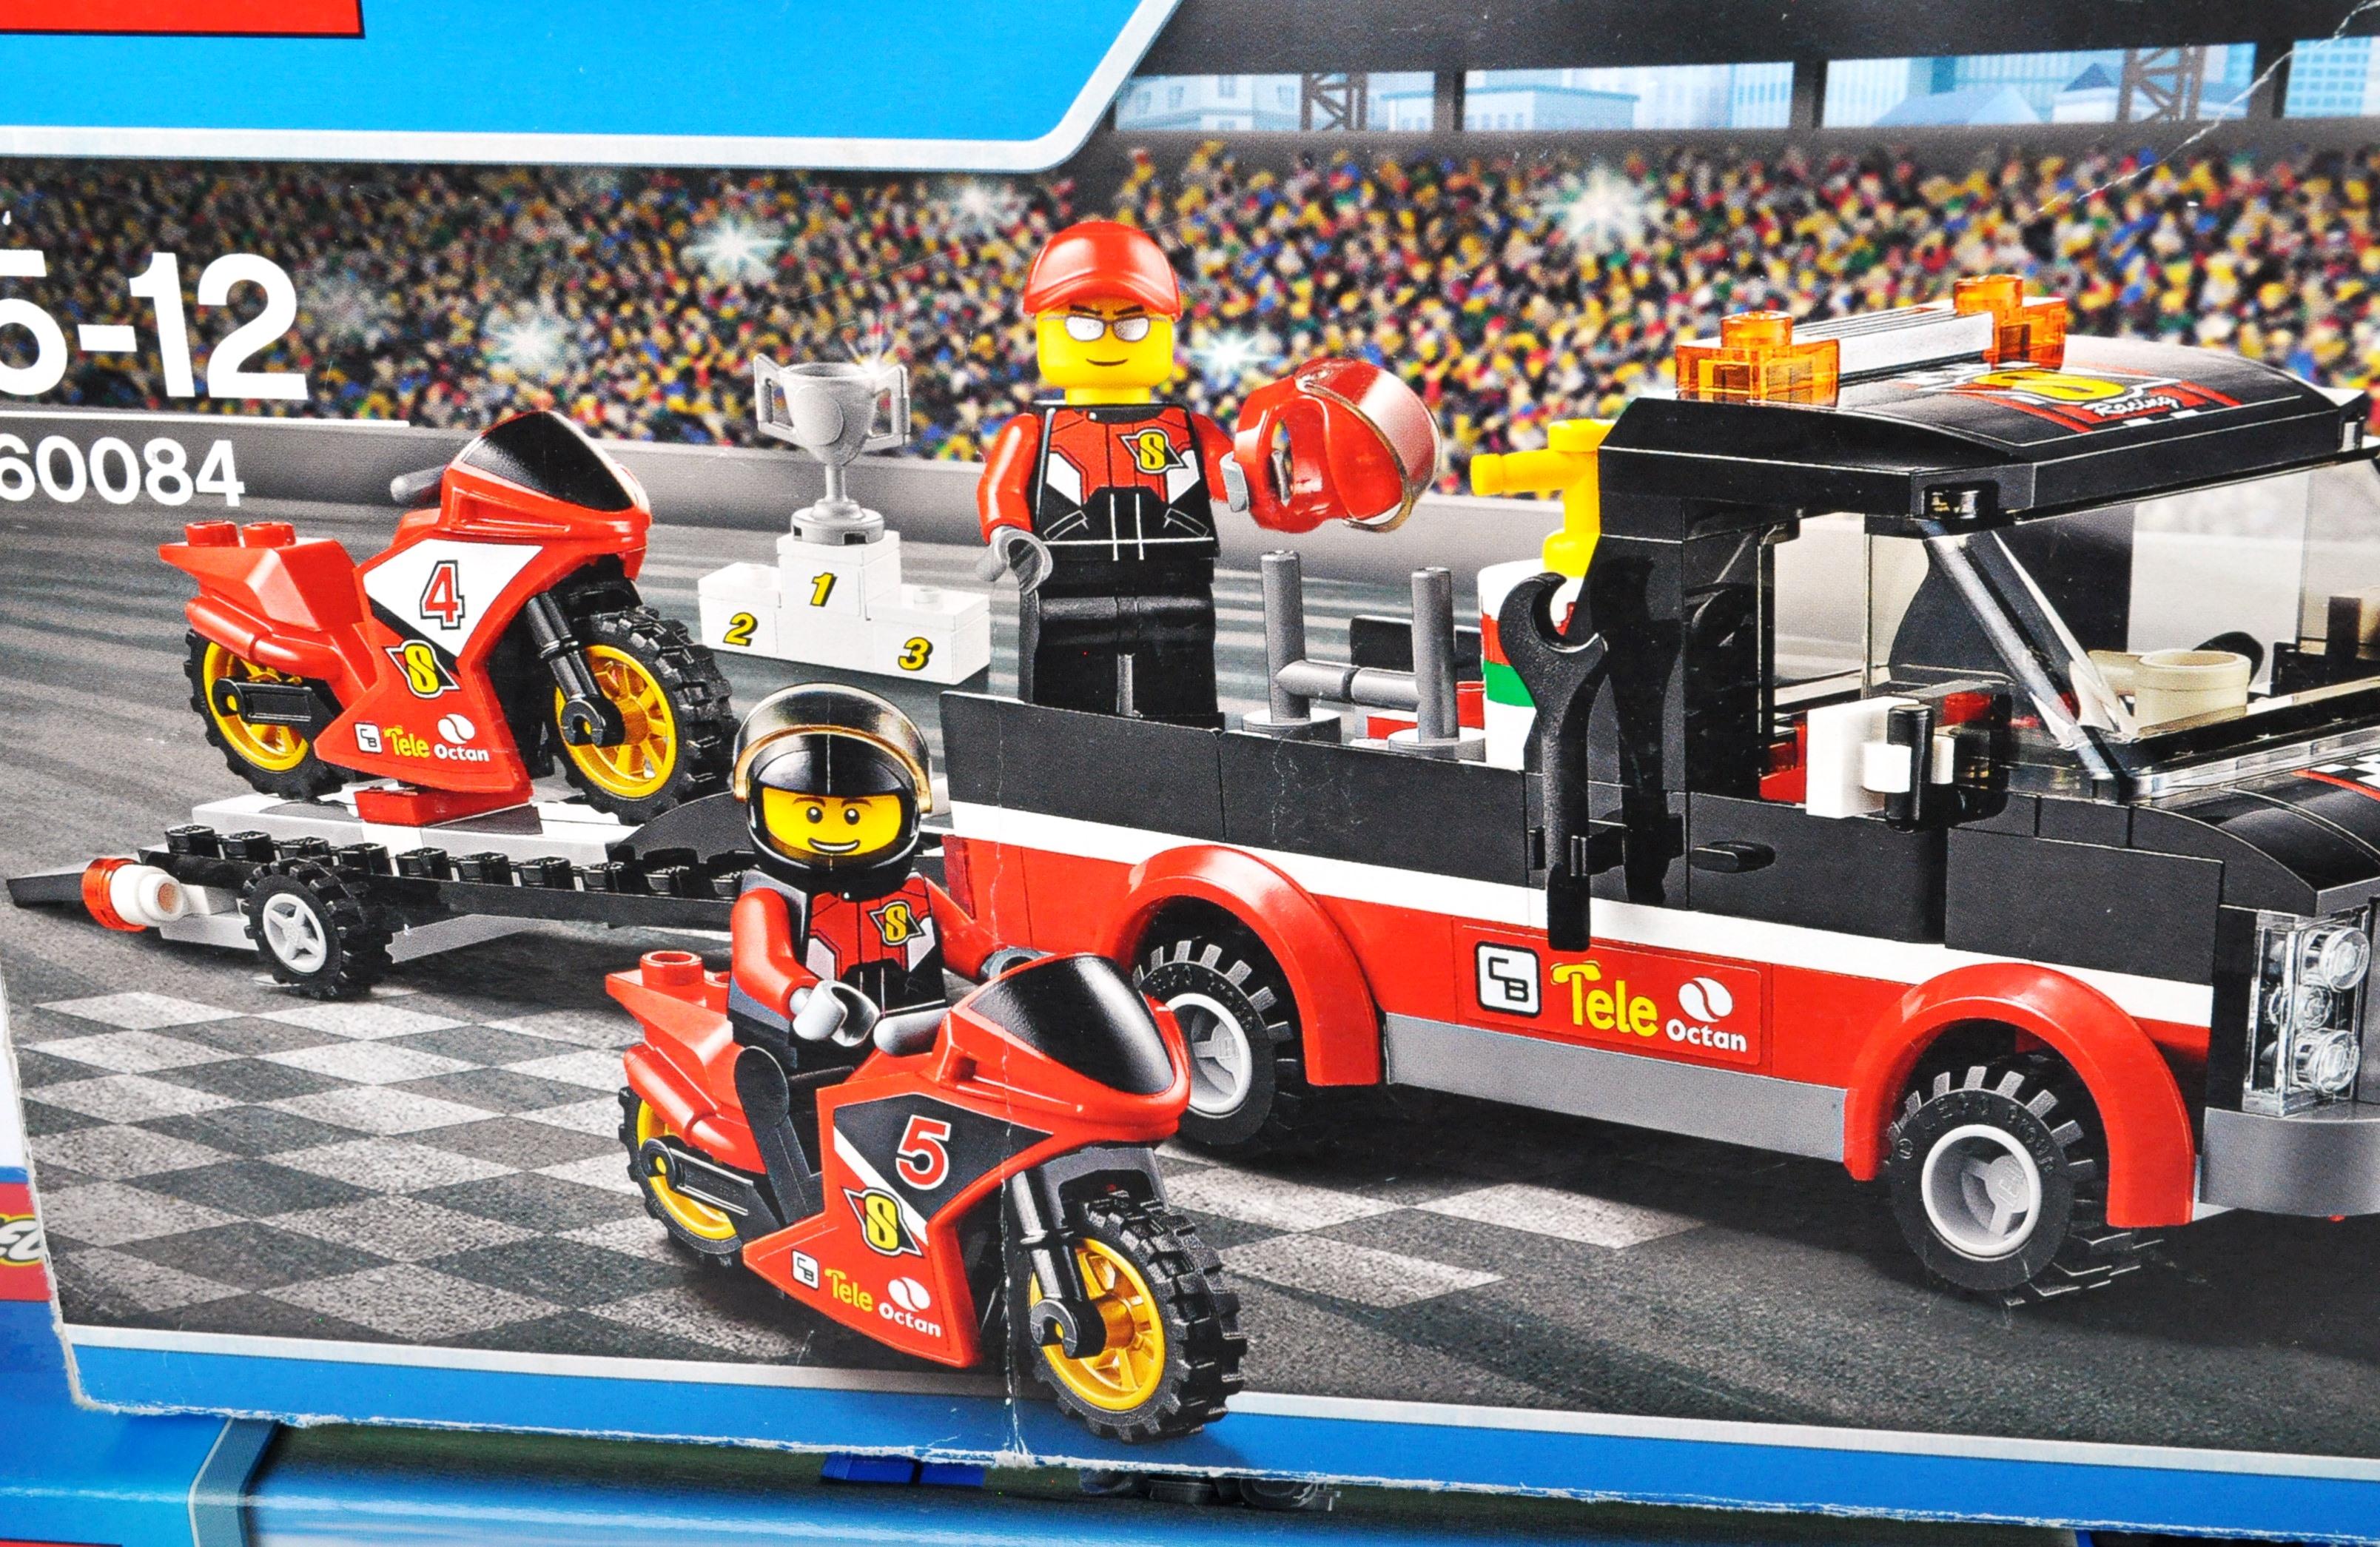 LEGO SETS - LEGO CITY - 60023 / 60084 / 60158 / 7936 / 60118 / 60057 / 7990 / 60007 - Image 5 of 5